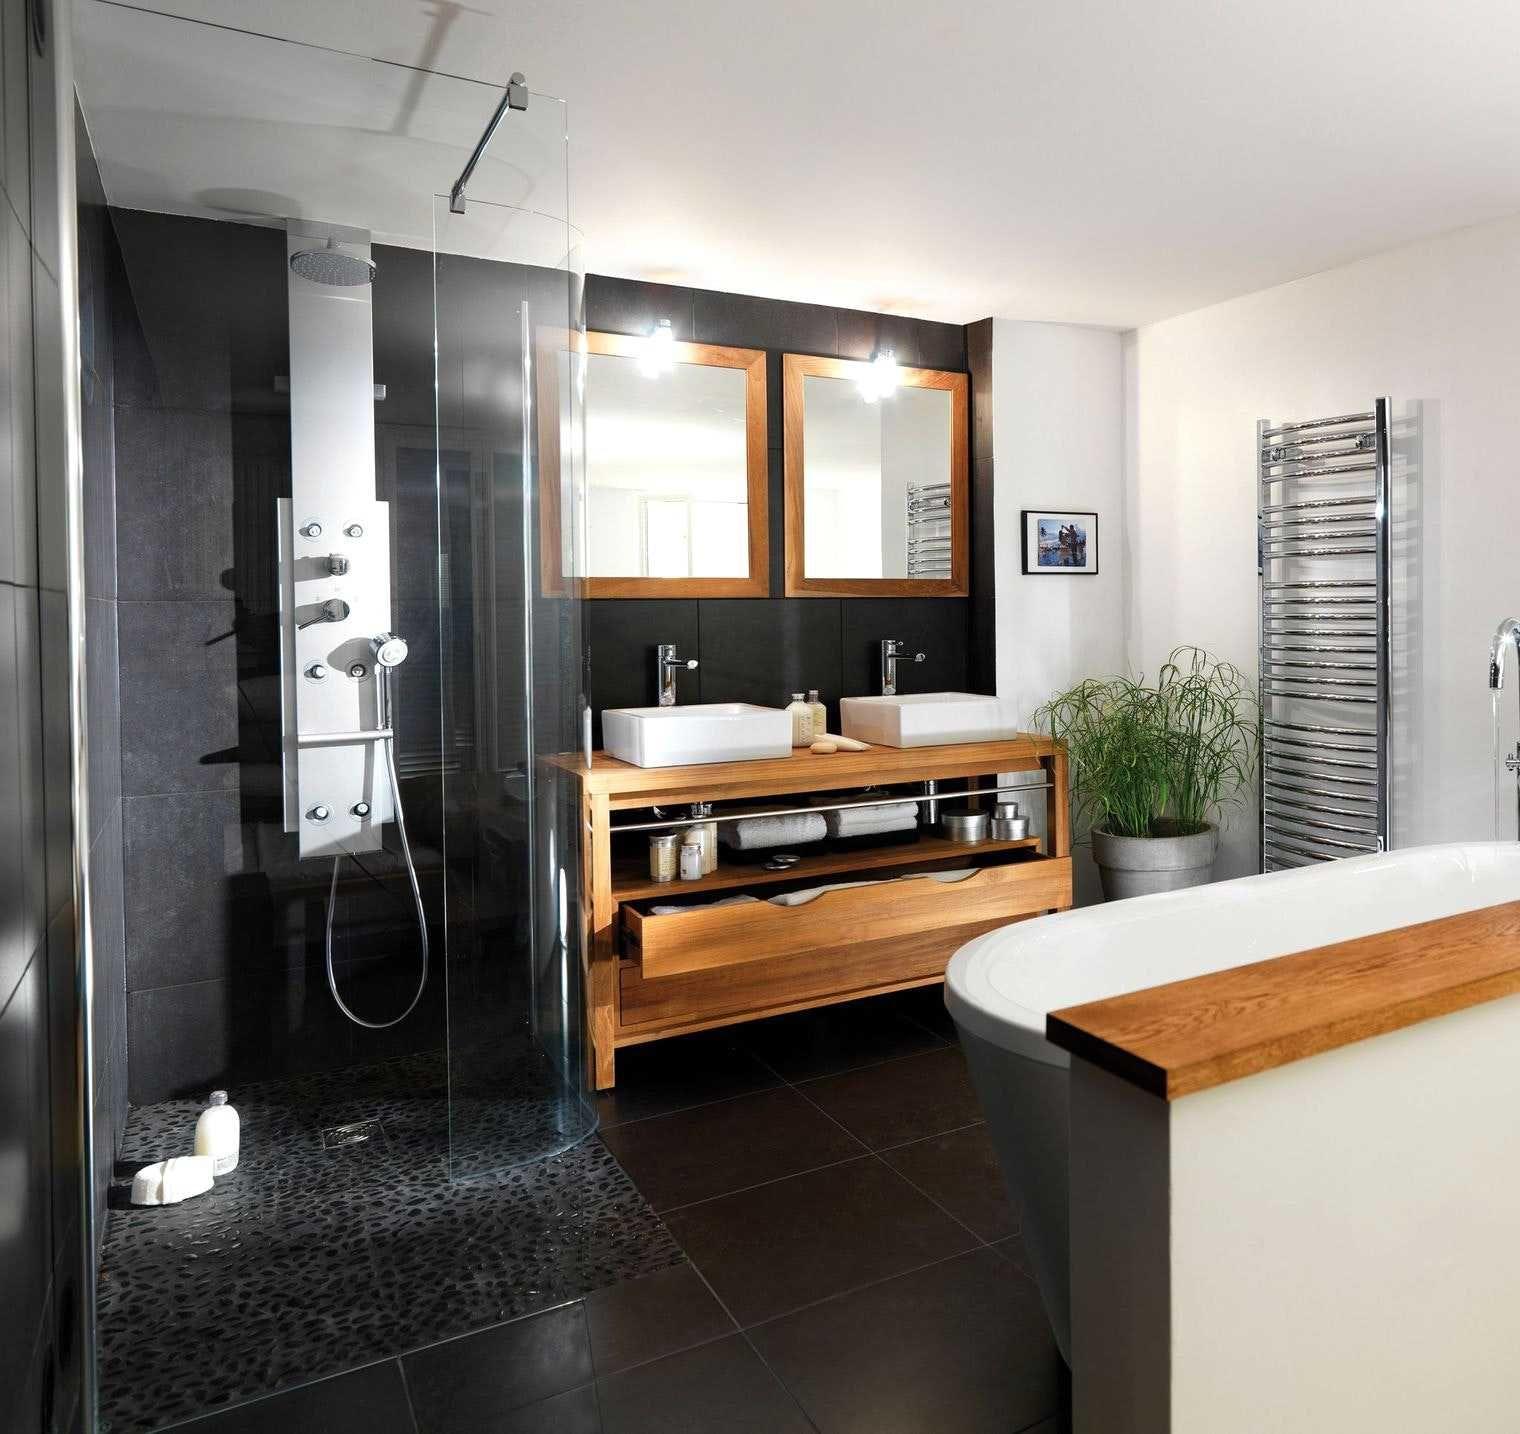 Salle De Bain 2017 salle de bain noir blanc bois avec les 2017 et salle de bain